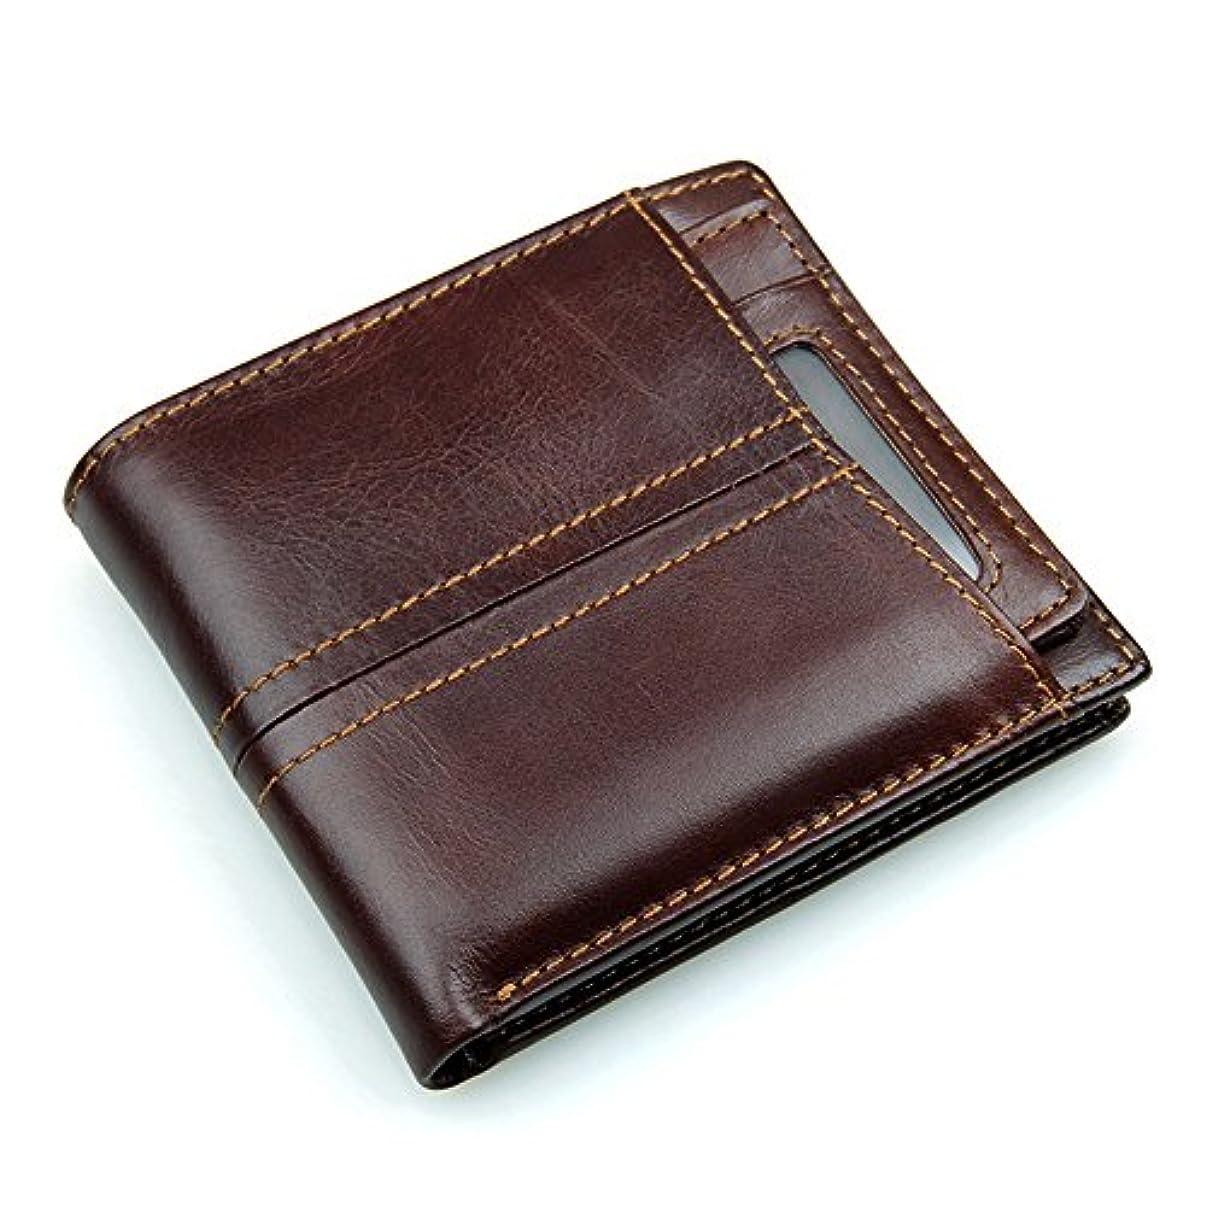 に渡って摘む些細(エイチダブリュー  ゾーン)HW ZONE 財布 人気財布 本革 ファスナー財布 大容量 メンズ ビジネスマン